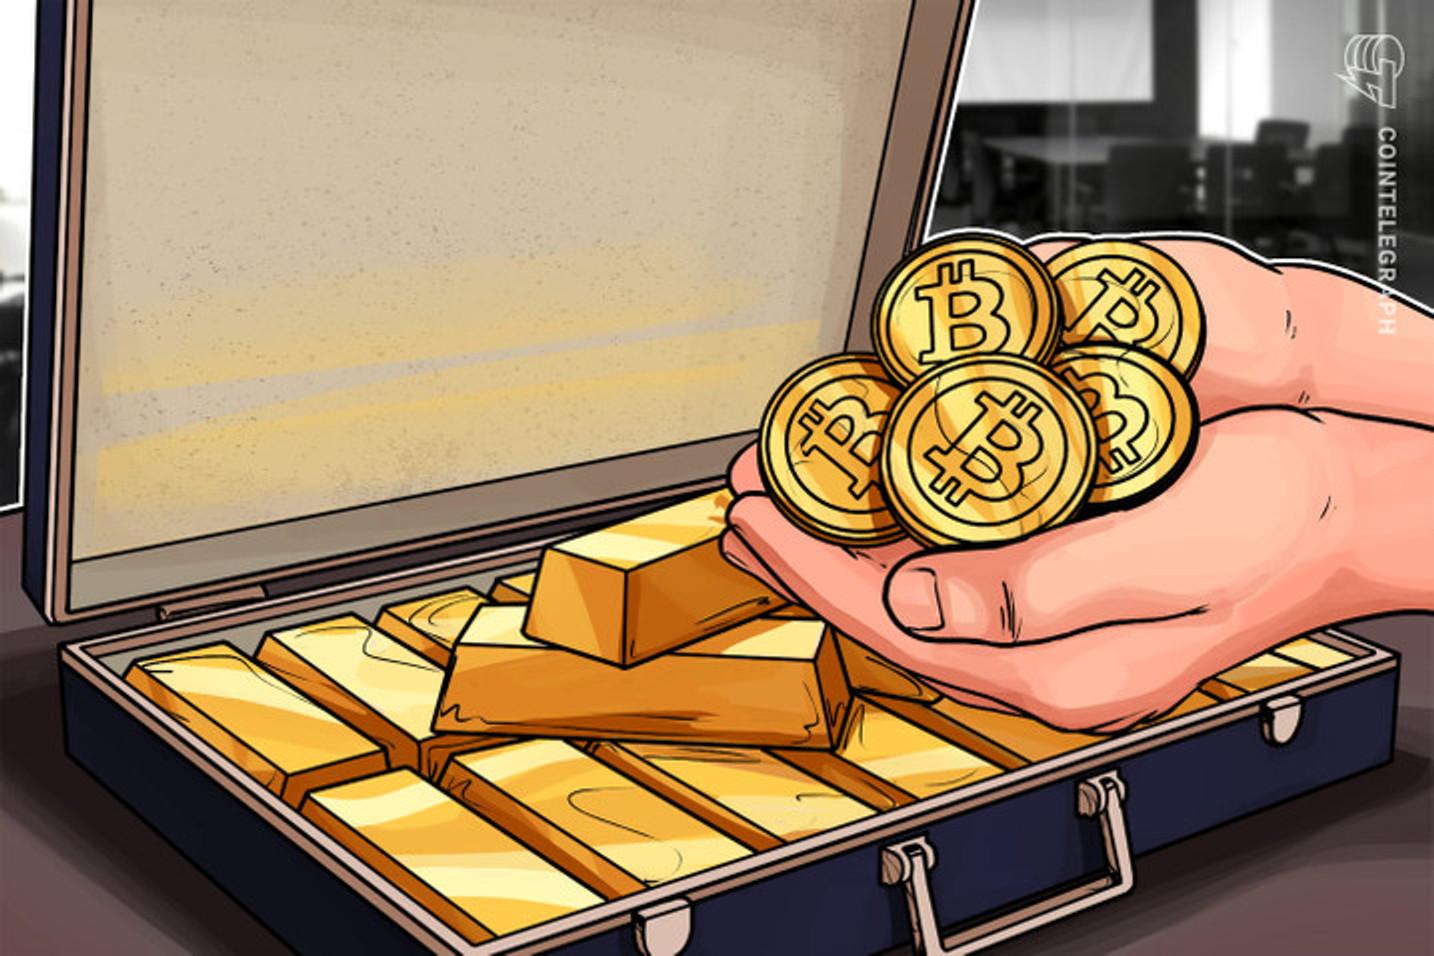 Desde Buenbit afirman que Bitcoin es un sustituto del oro que funcionará como la mejor reserva de valor